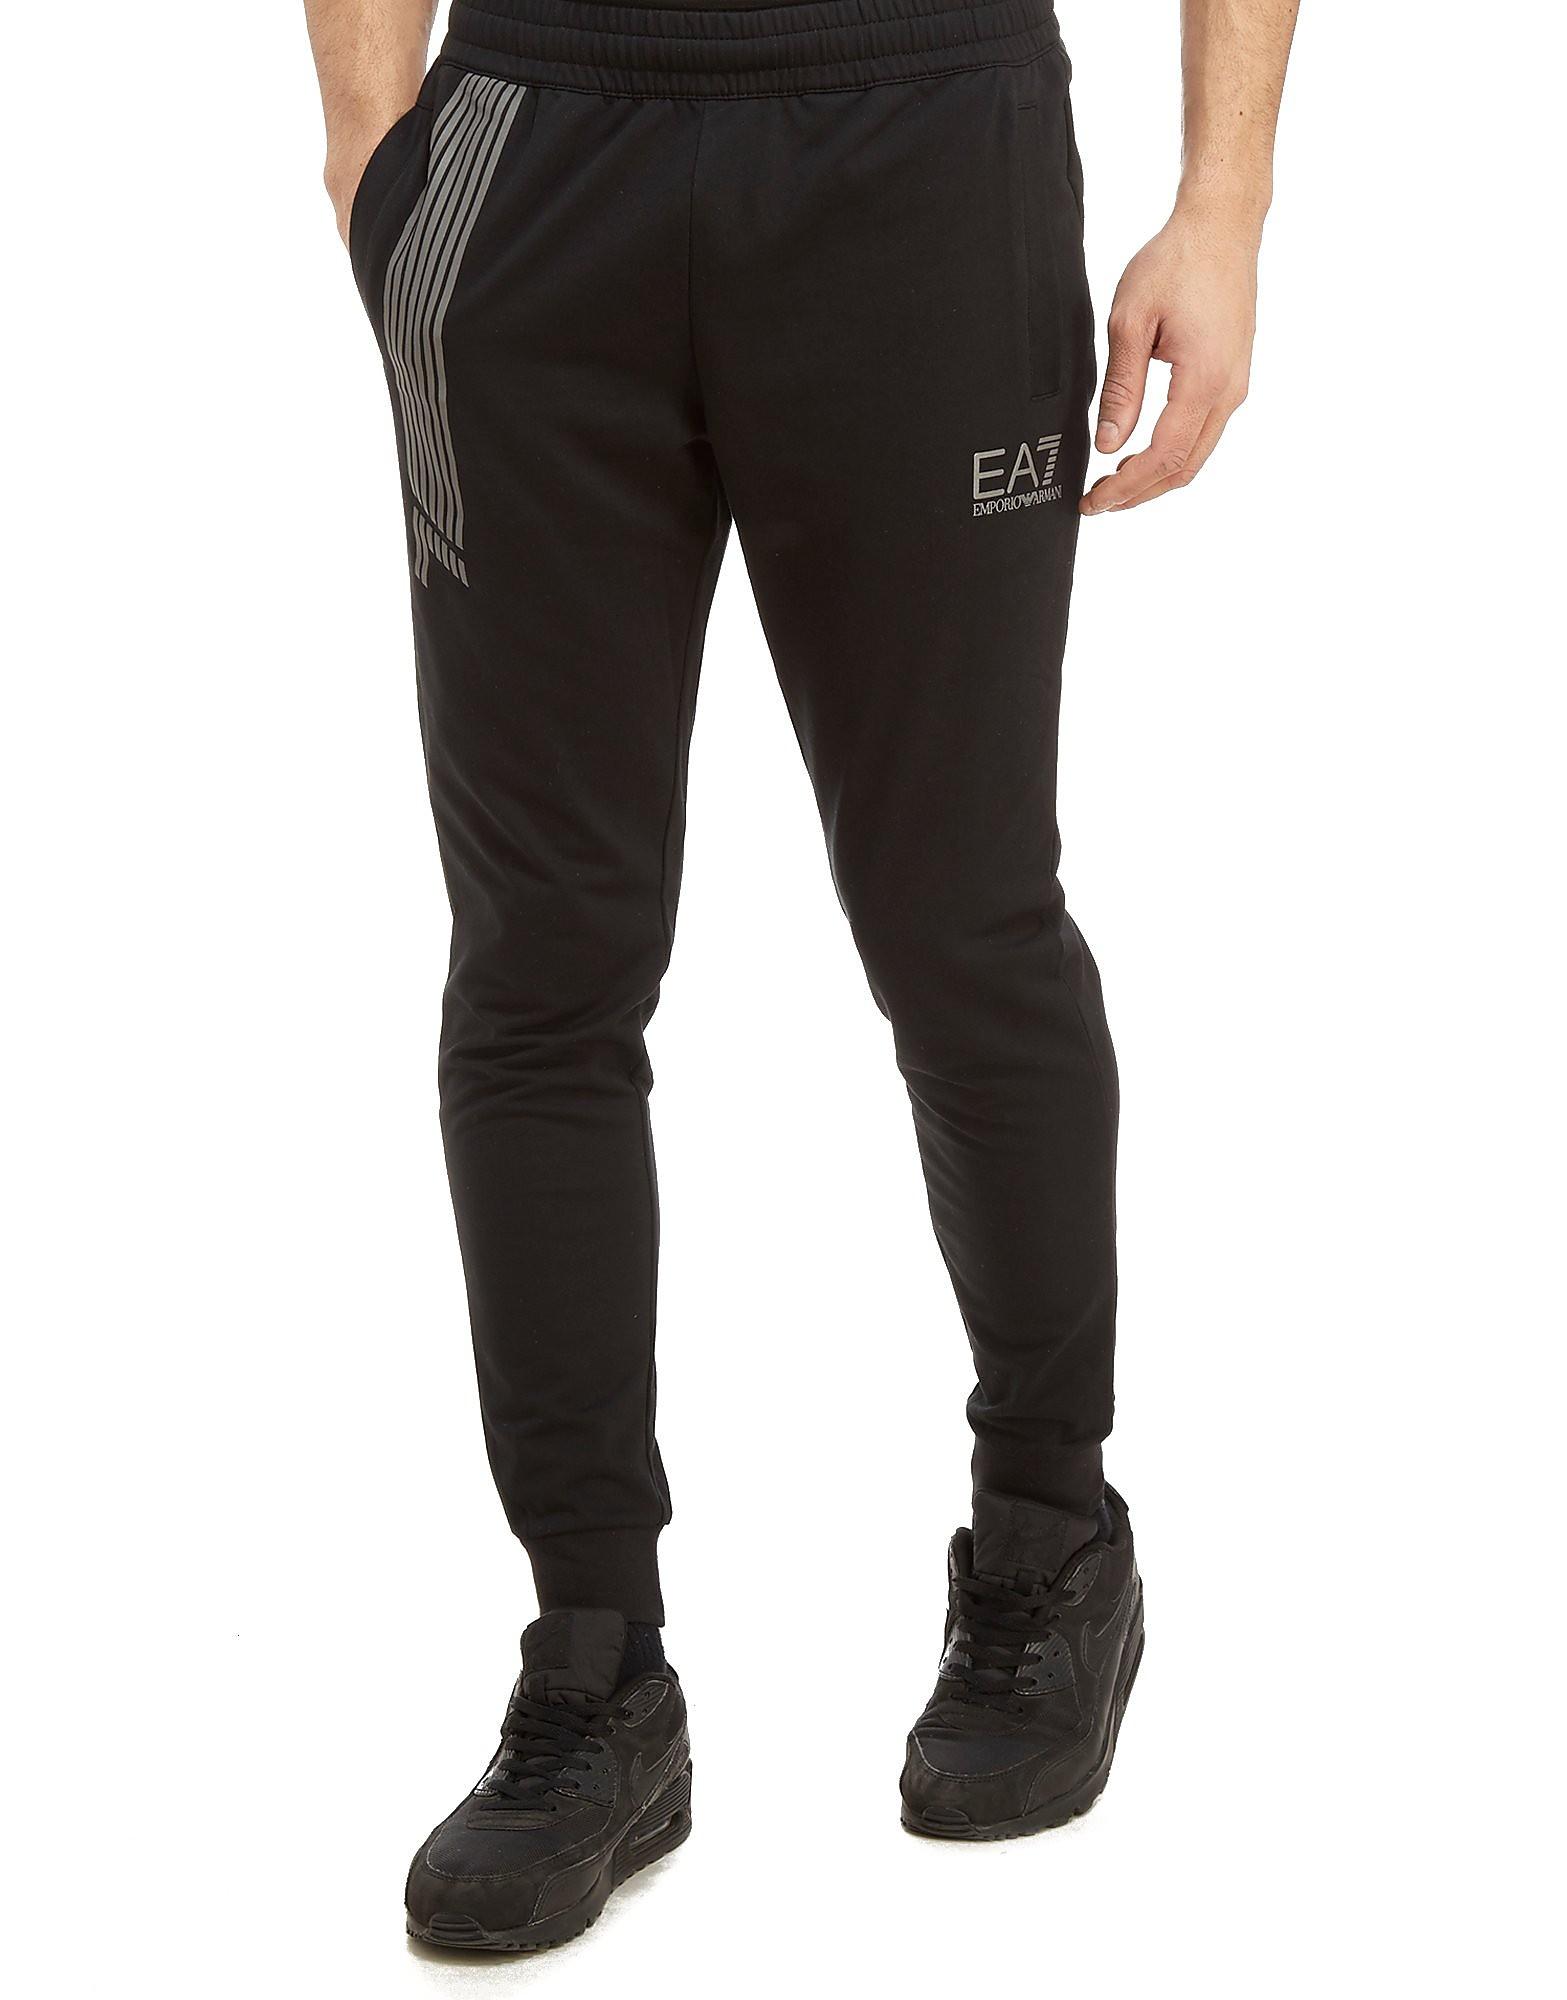 Emporio Armani EA7 7 Lines Pants